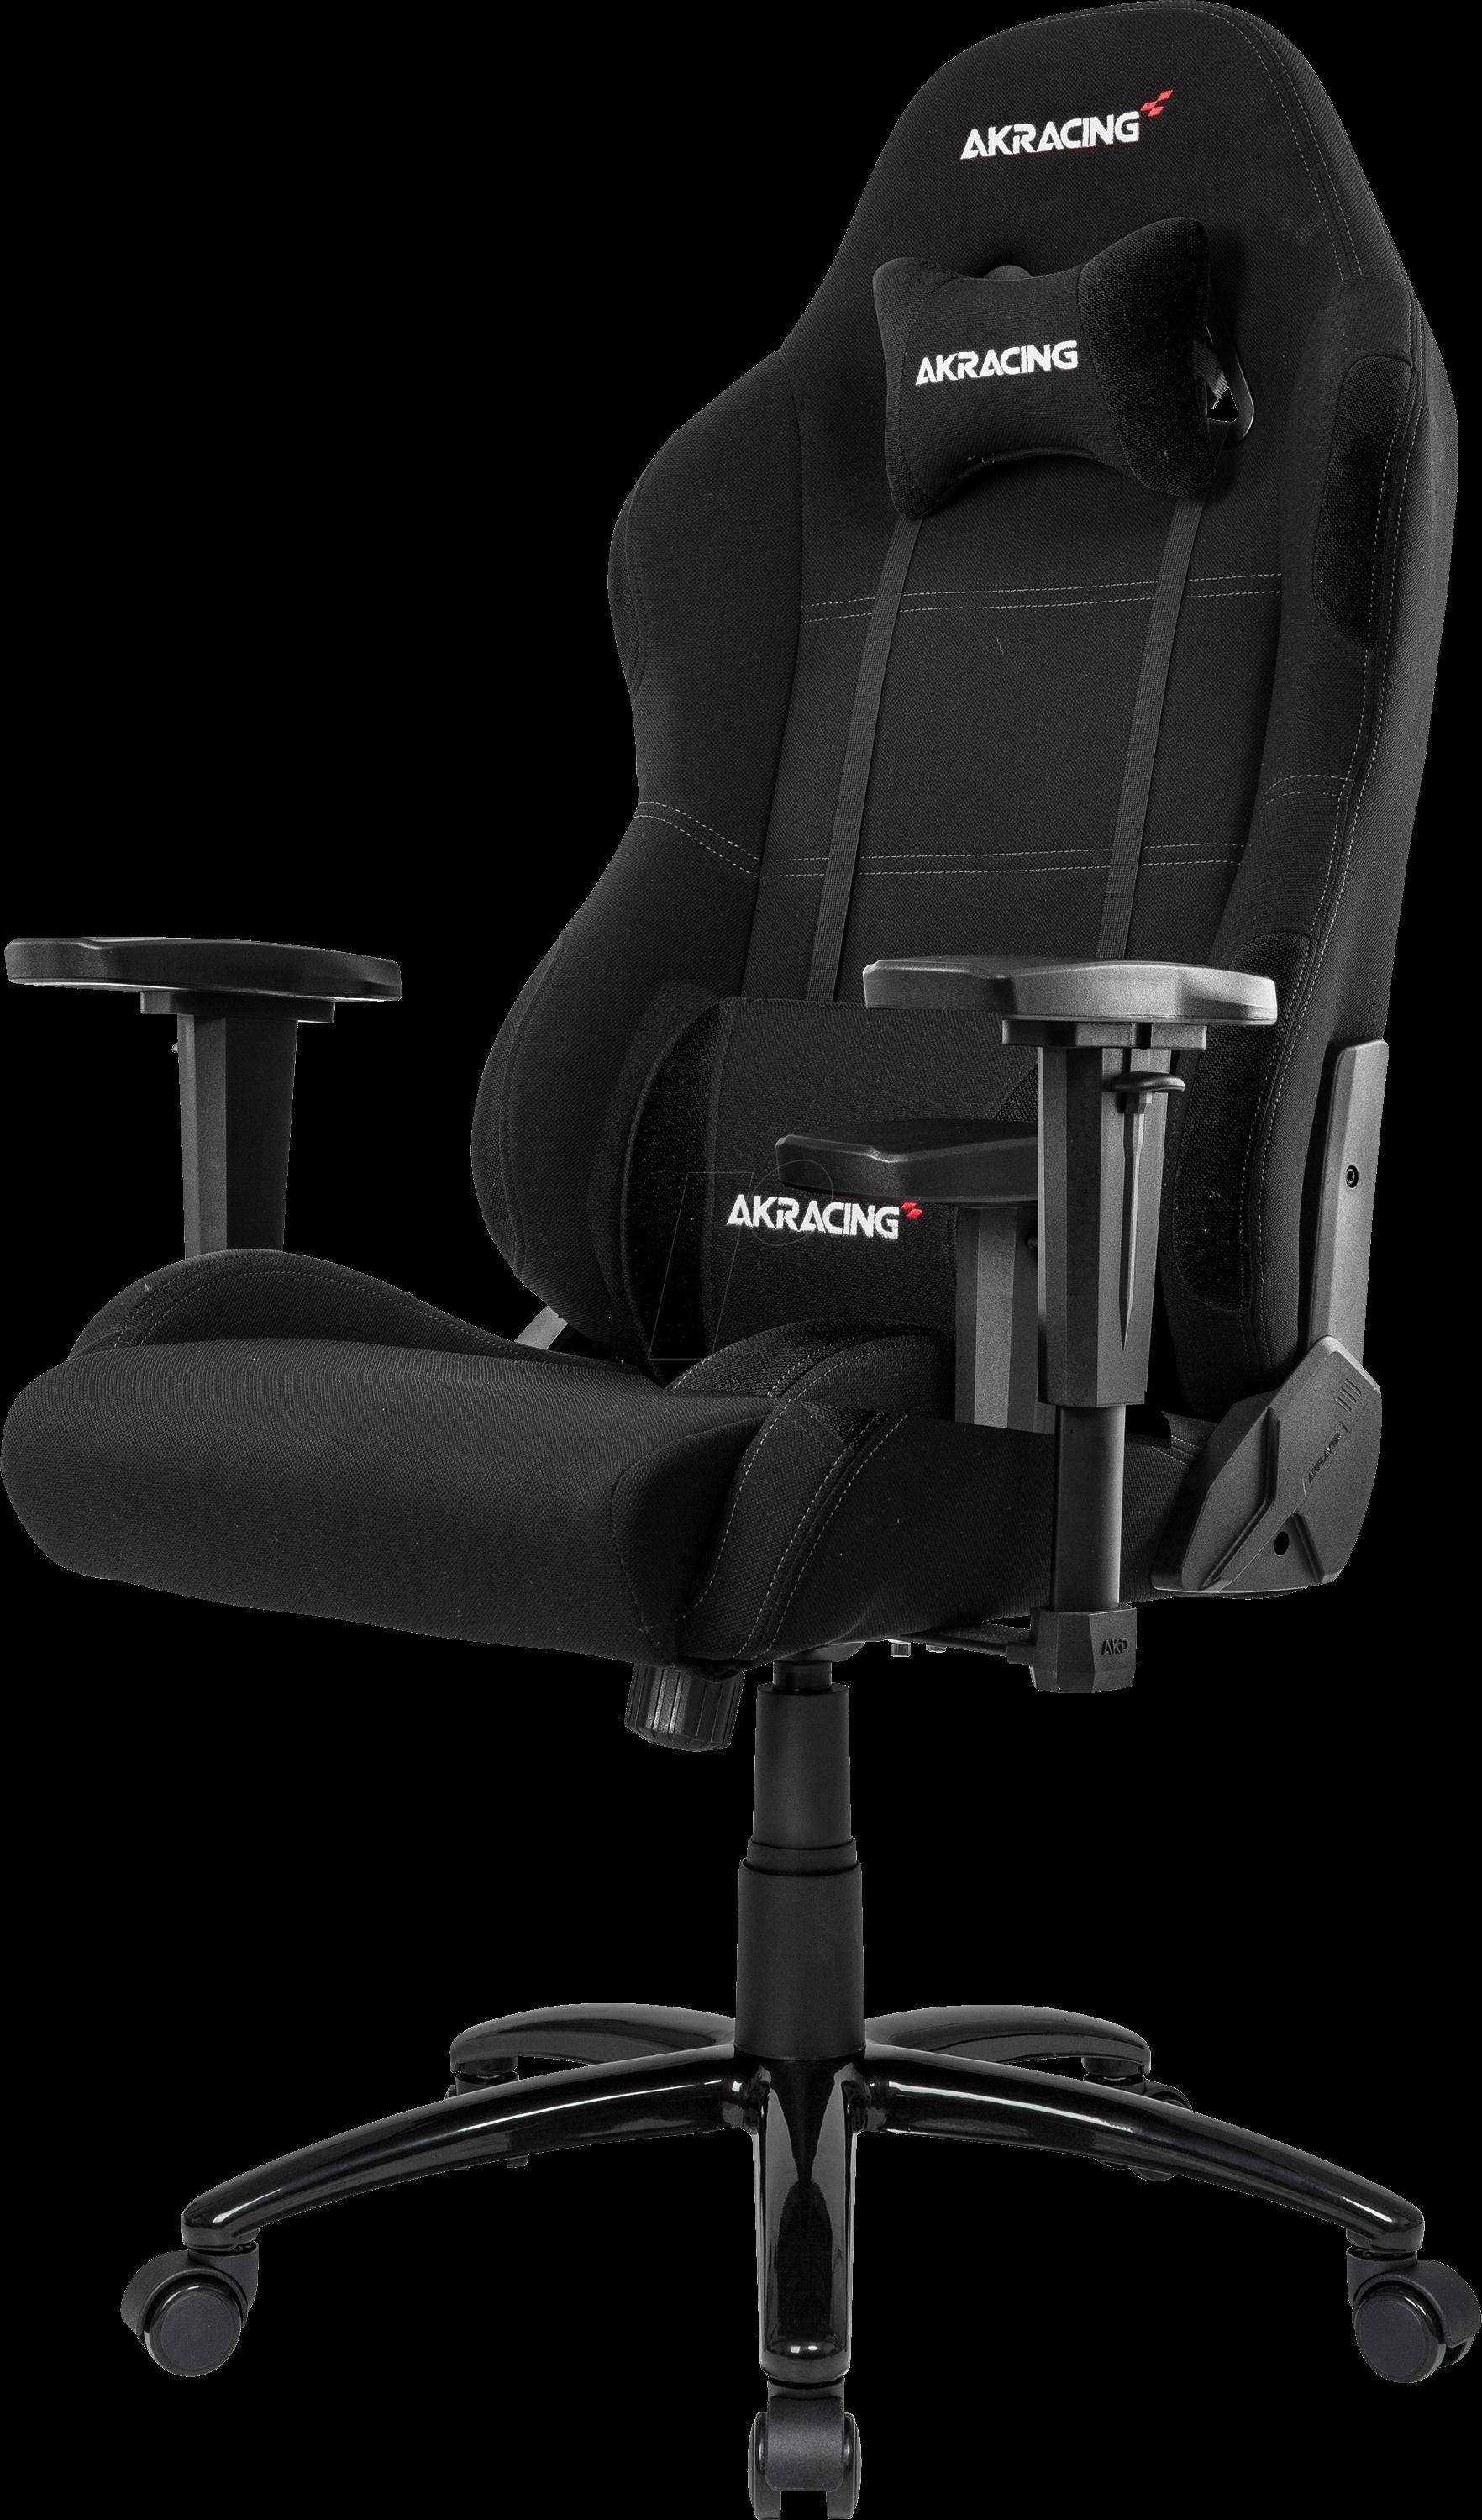 AR-EXWIDE-BK - AKRacing Core EXWide Gamingstuhl schwarz